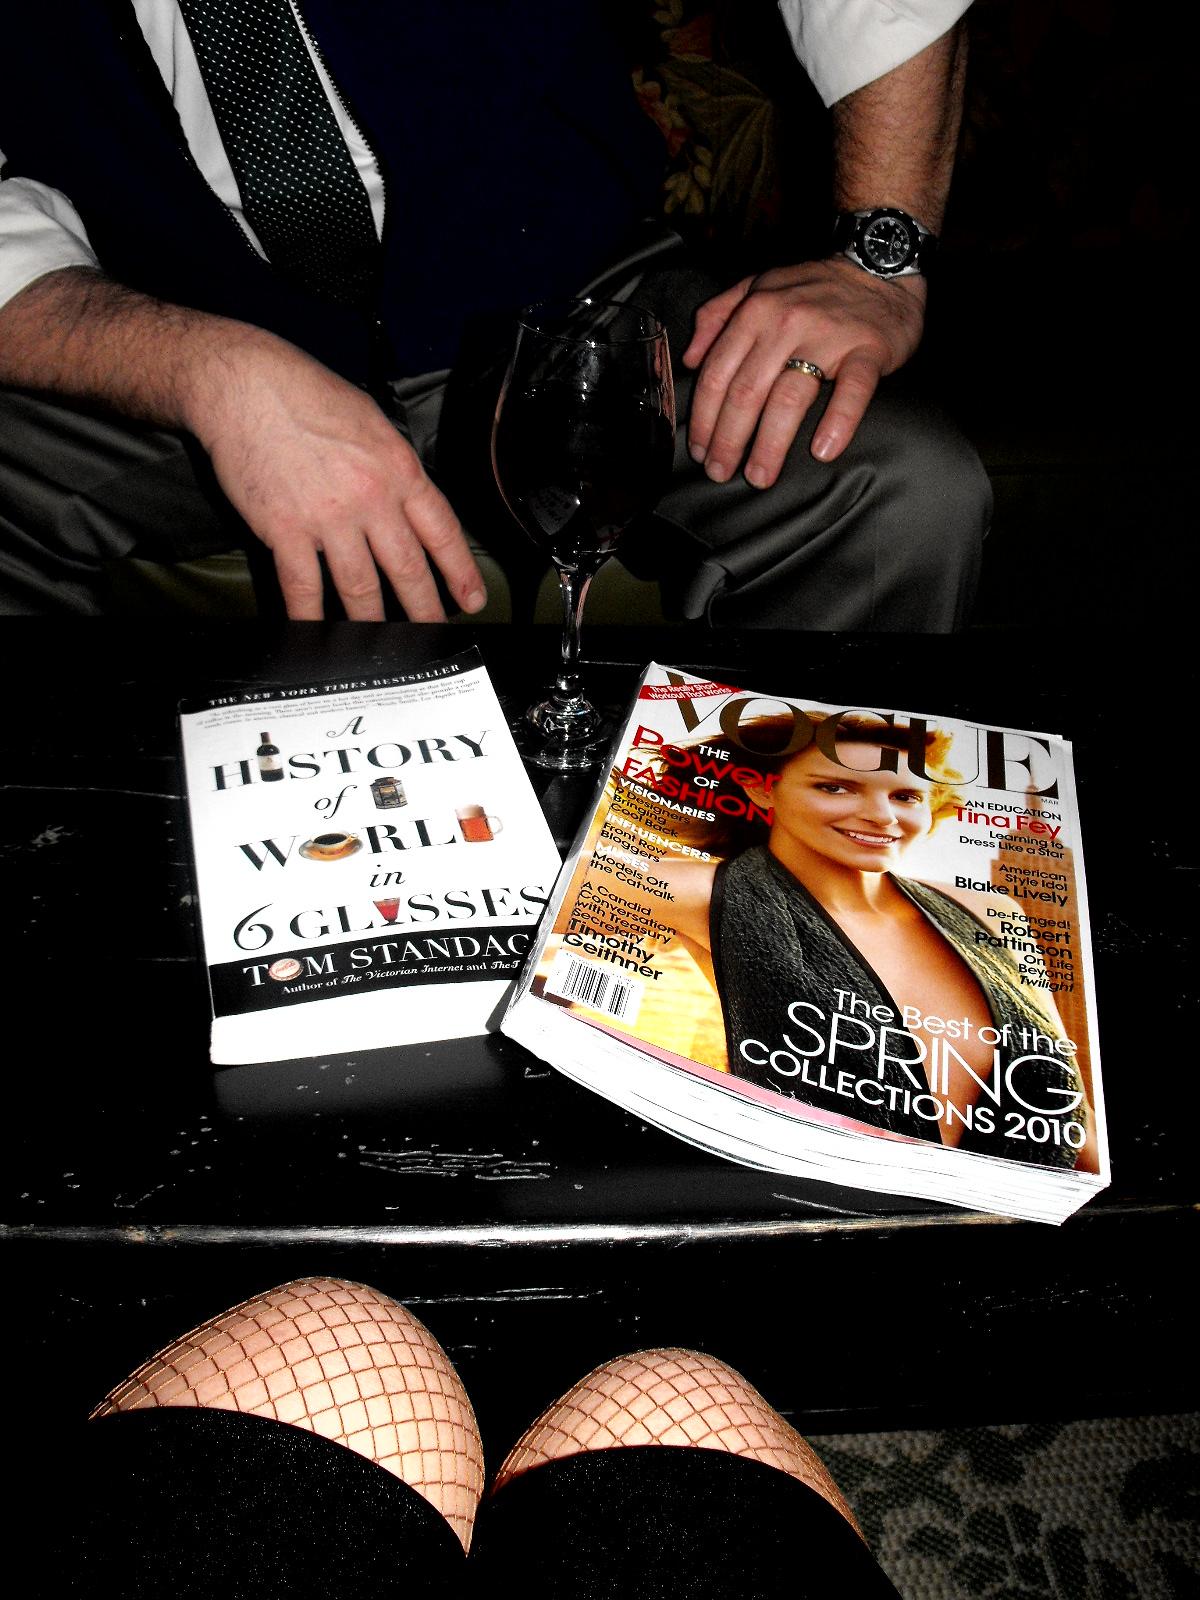 http://1.bp.blogspot.com/_Q6XyRjil5ac/S7EQ-1DSBDI/AAAAAAAABHA/KFeSdKBA0B8/s1600/silverton+125.jpg